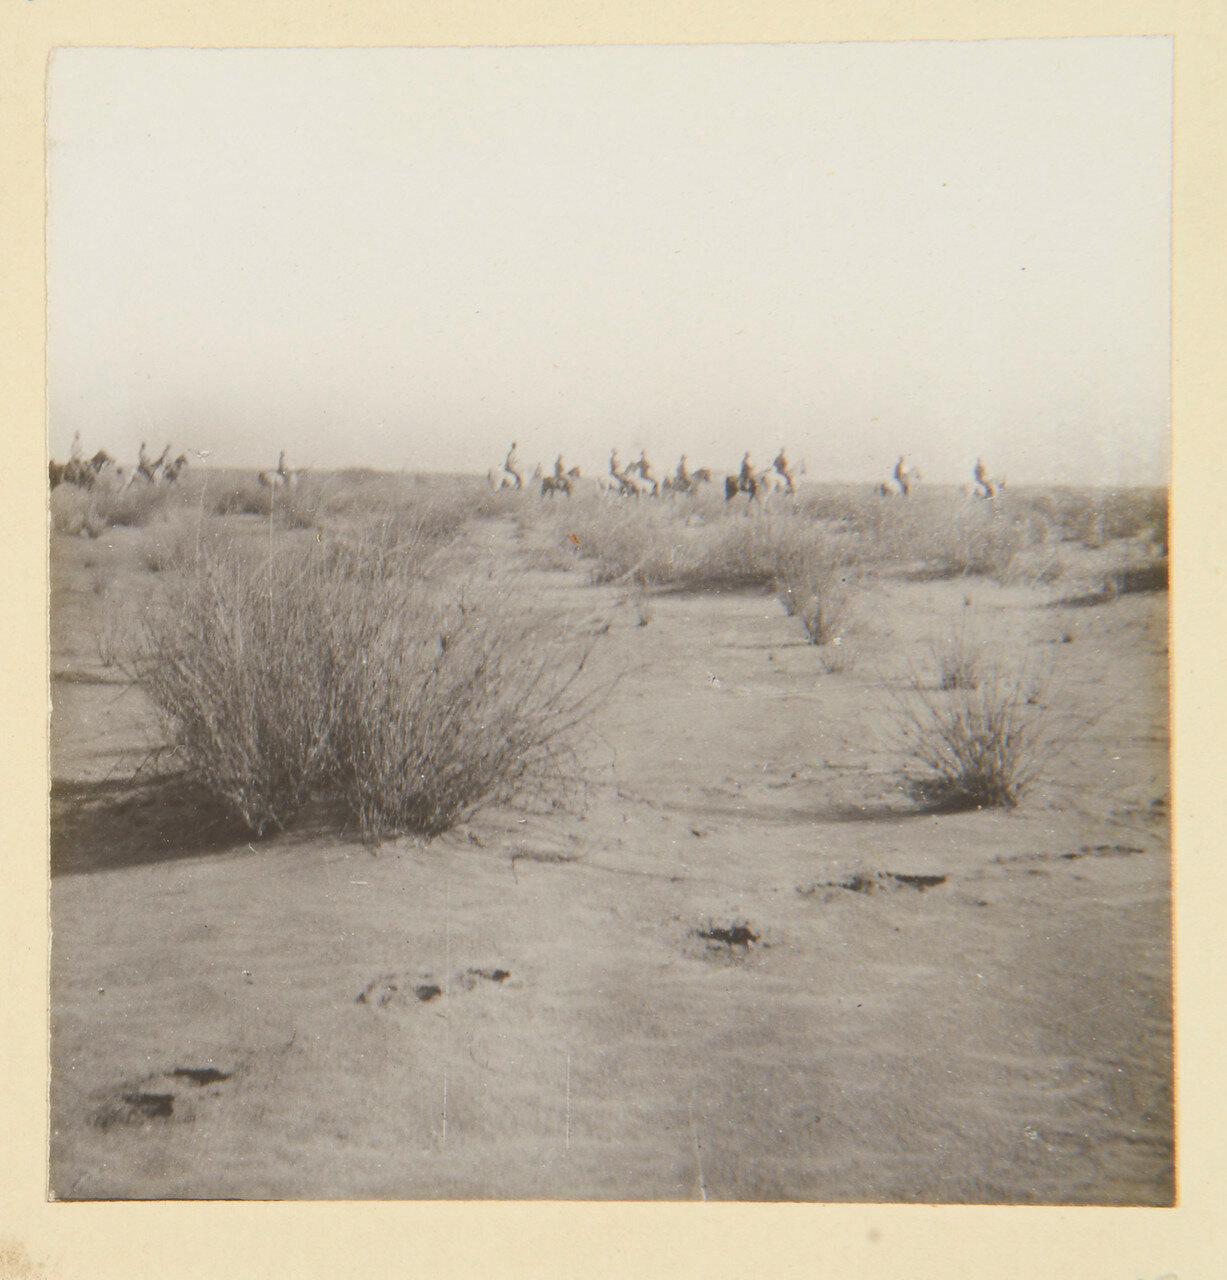 25 августа 1898. Лагерь в Вад Хамиде. Сирдар (главнокомандующий англо-египетской армией лорд Китченер) и его штаб